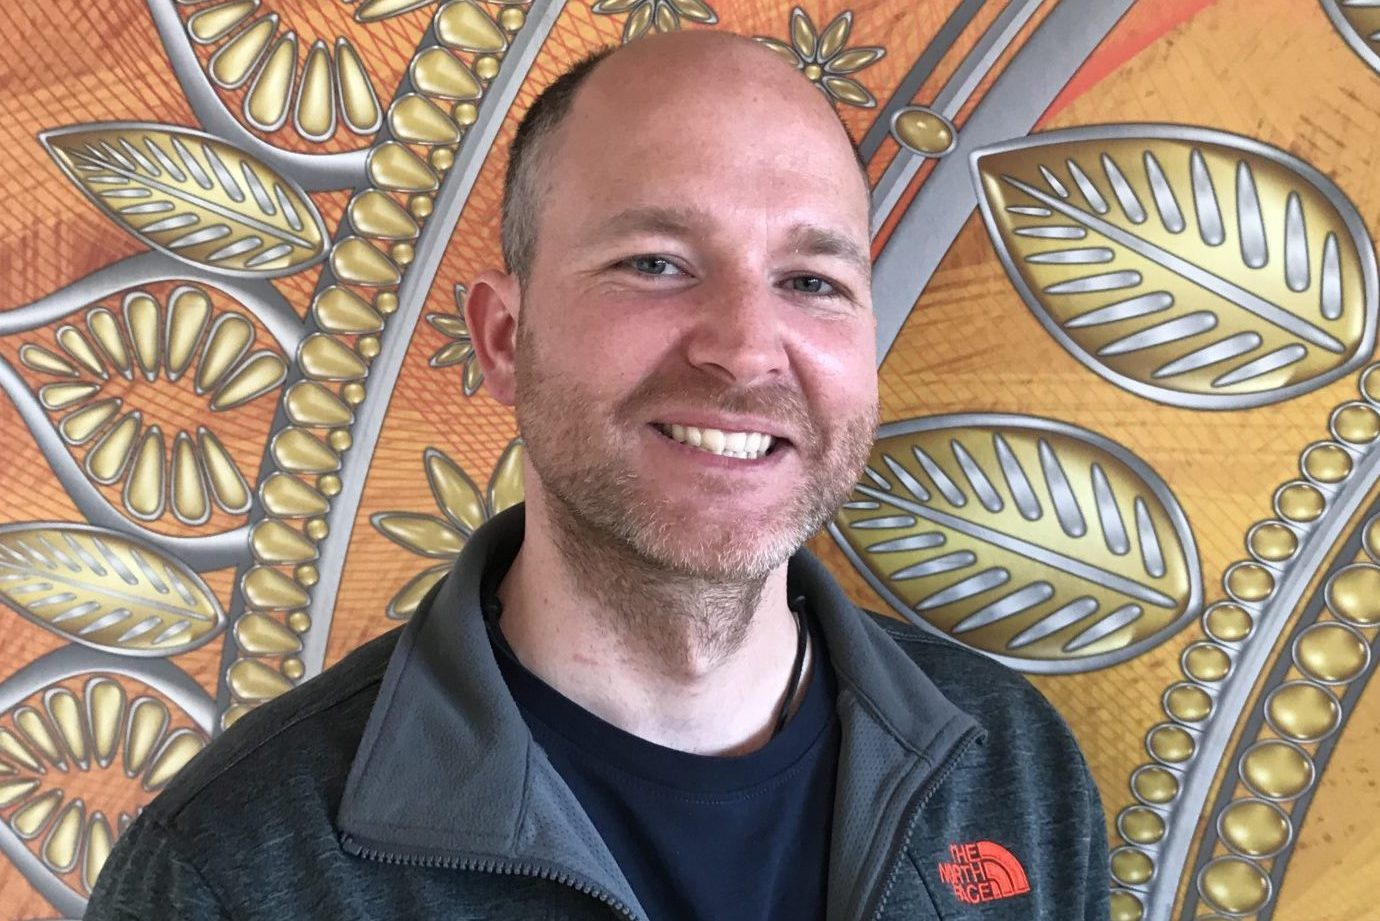 Emanuel Roos